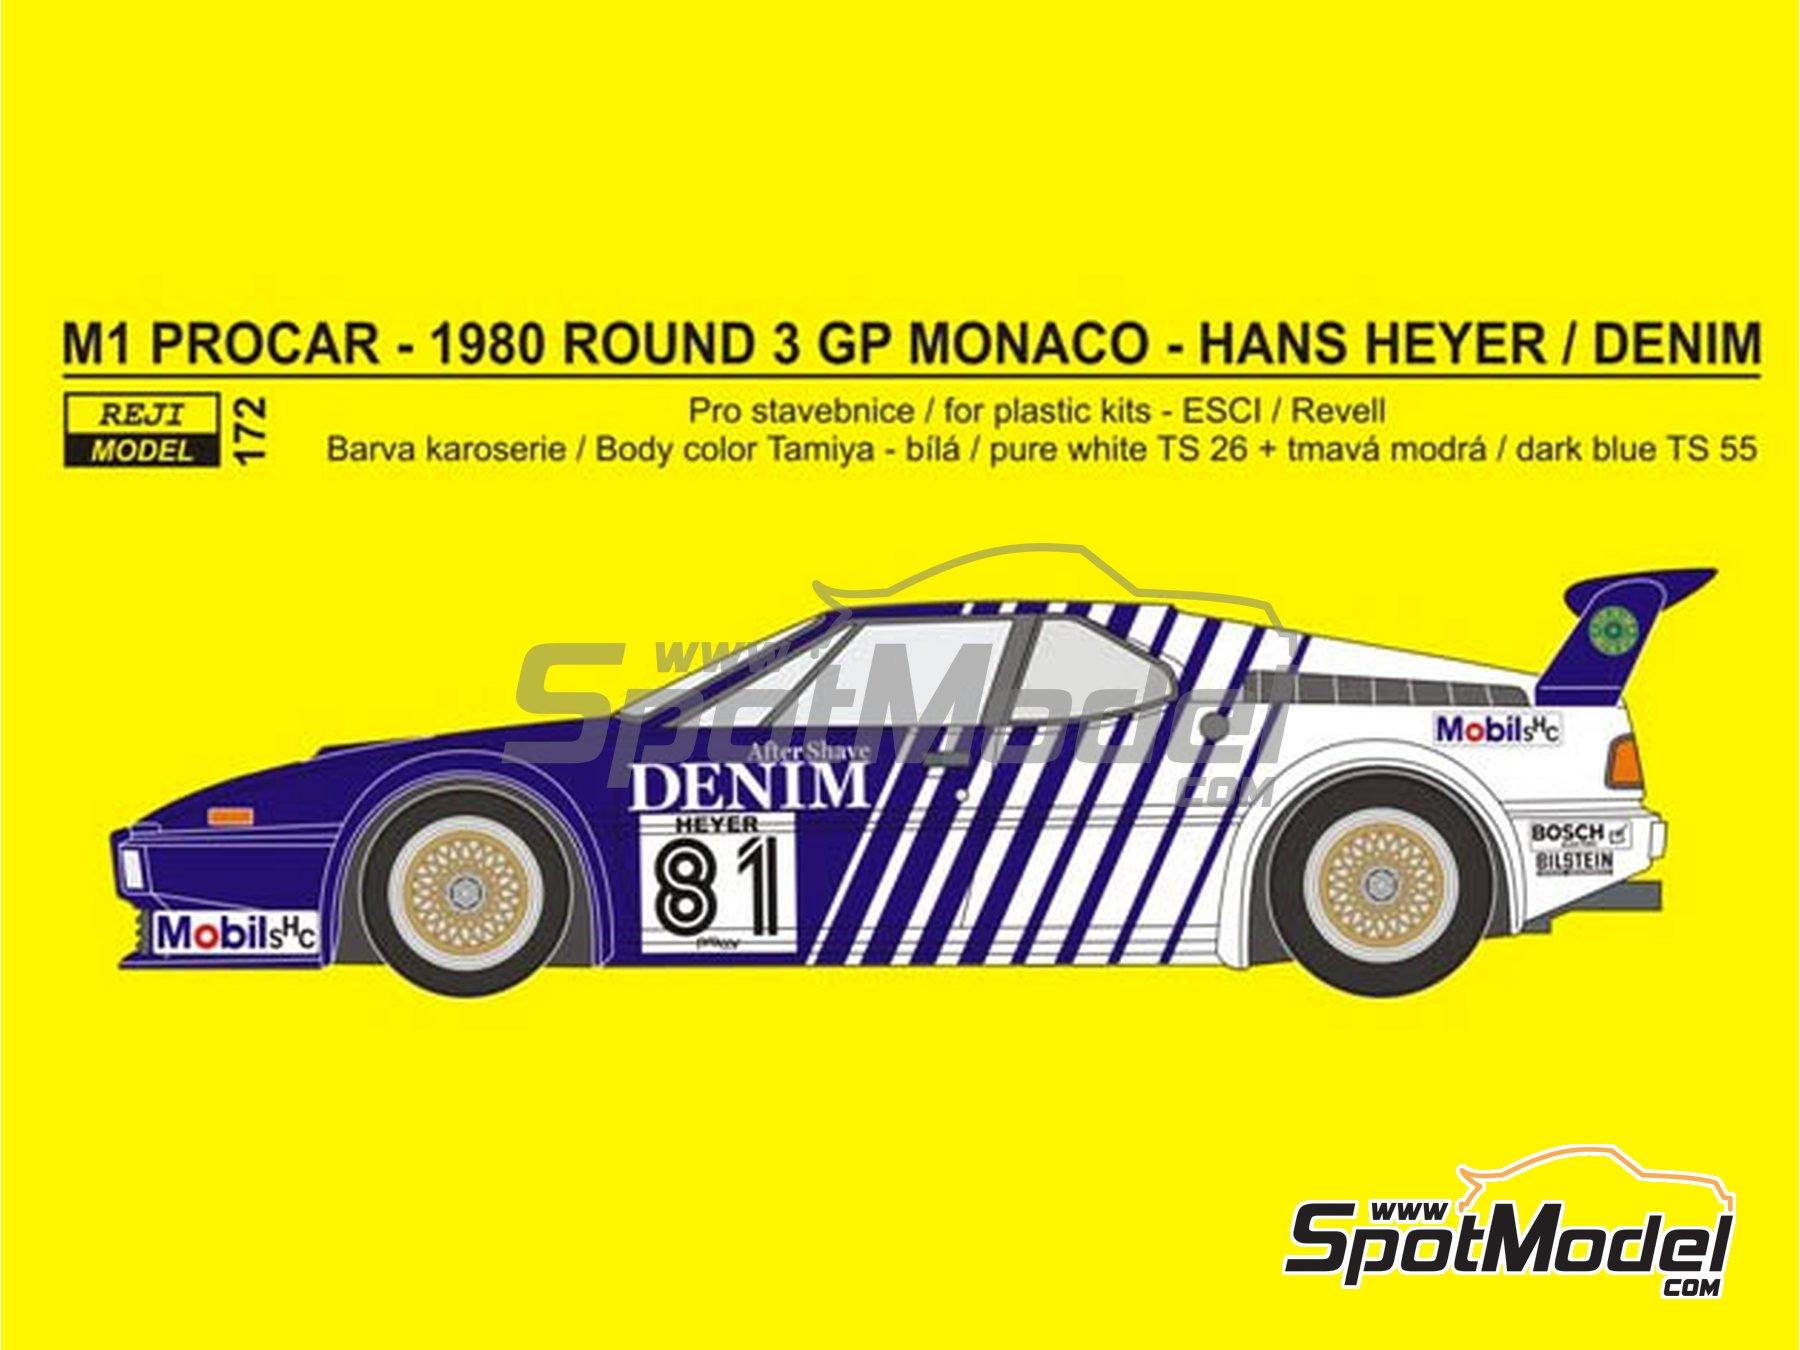 Image 1: BMW M1 Group A Denim Procar - Monaco Formula 1 Grand Prix 1980 | Marking / livery in 1/24 scale manufactured by Reji Model (ref.REJI-172)